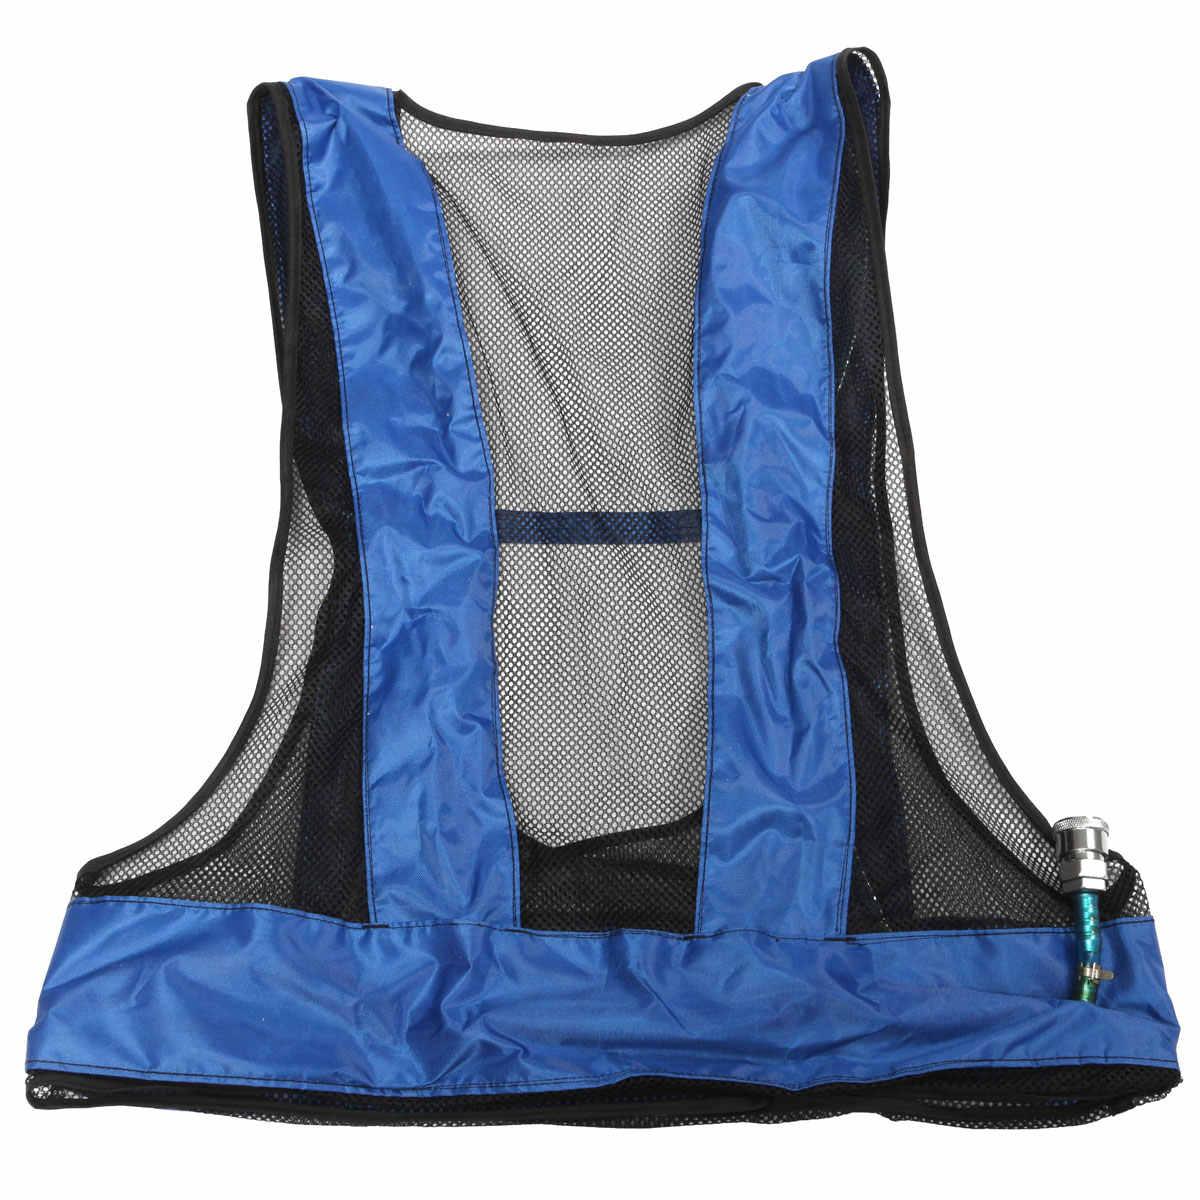 دوامة أنبوب مكيف الهواء صدرية للعمال في عالية درجة الحرارة مضغوط لحام الصلب سترة تبريد مكيف الهواء سترة